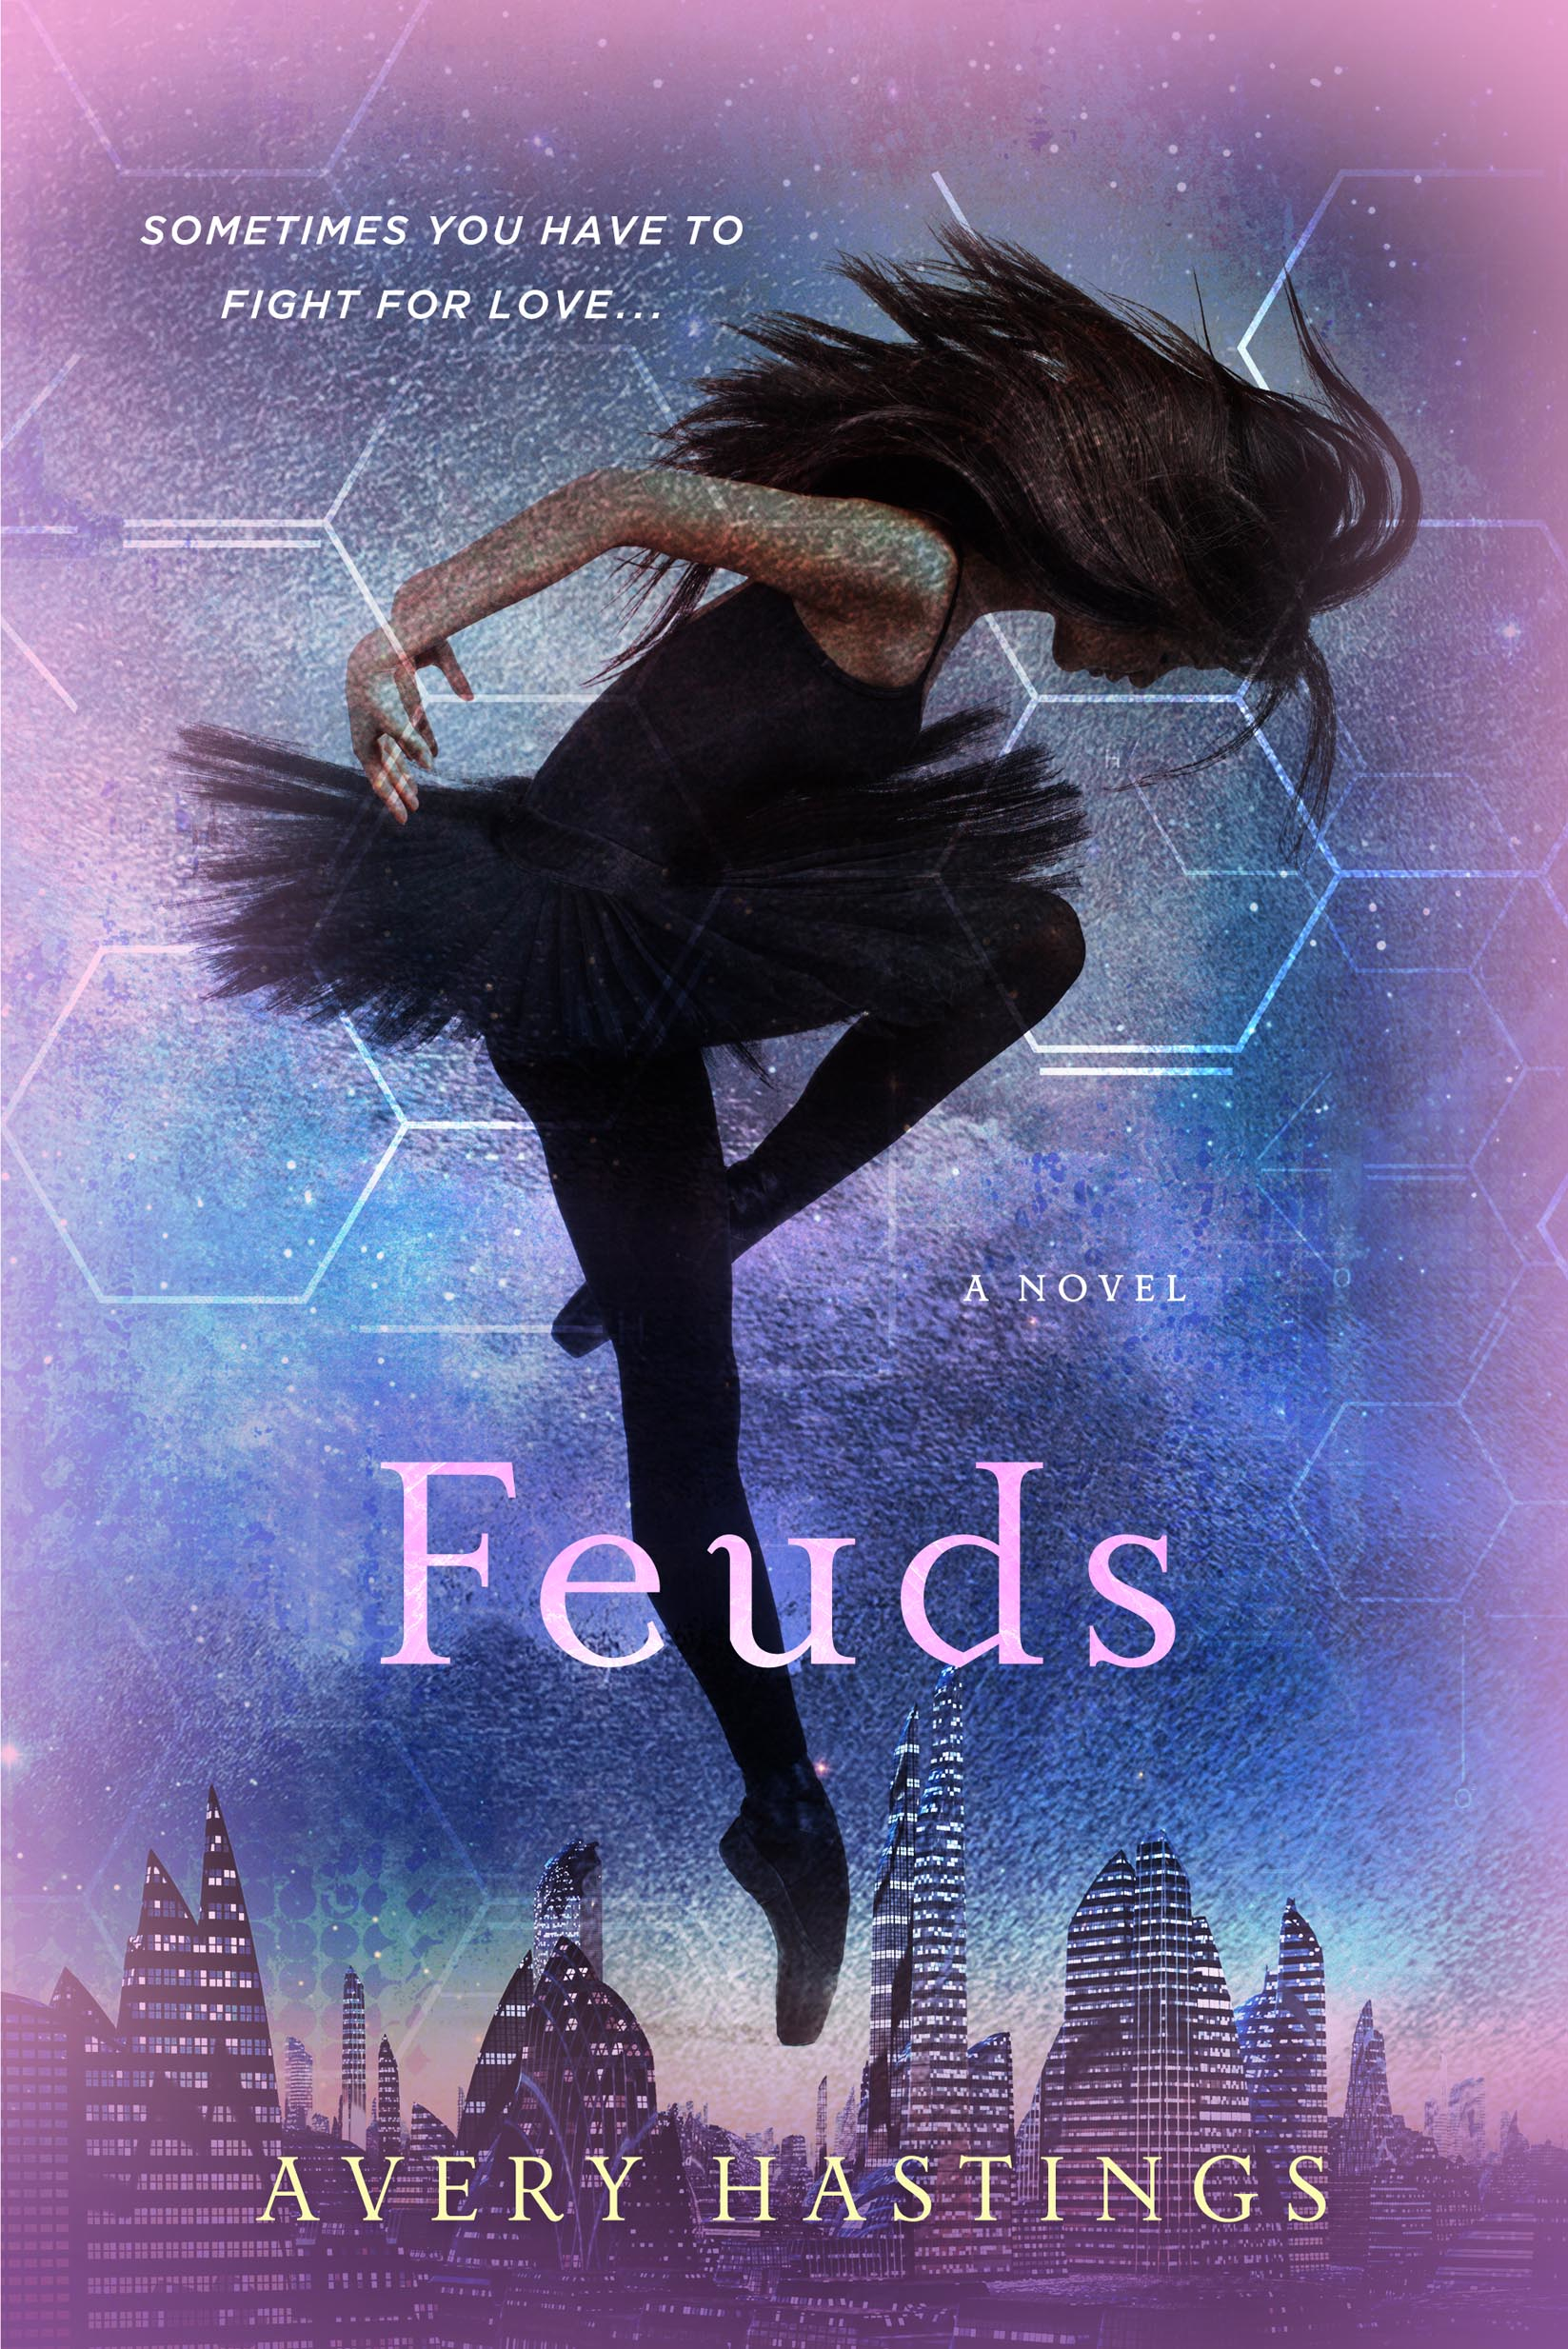 Feuds_FINAL Cover.jpg